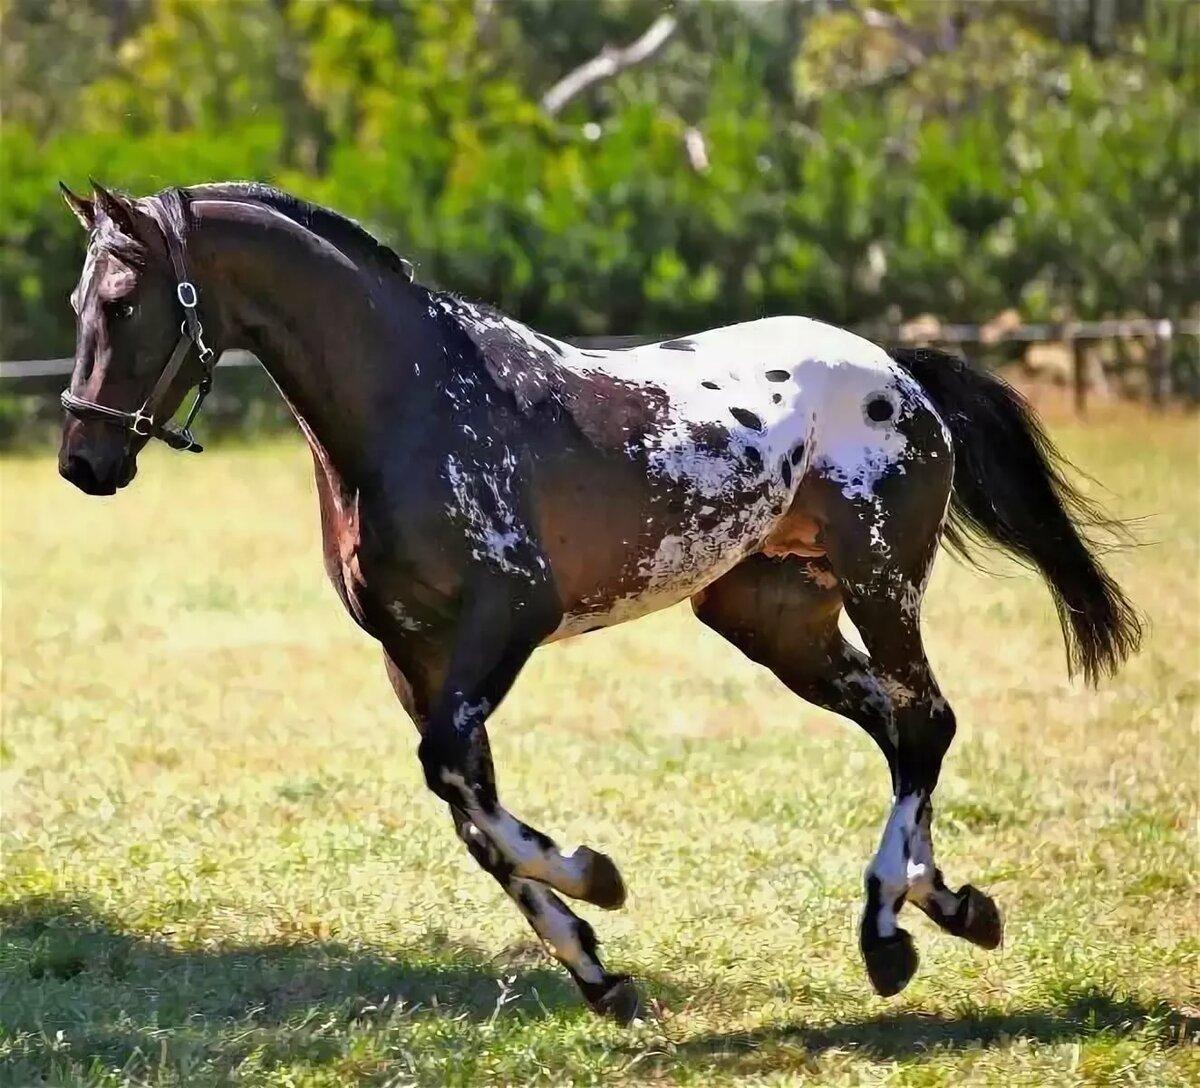 картинки про лошадей редких пород своих детей